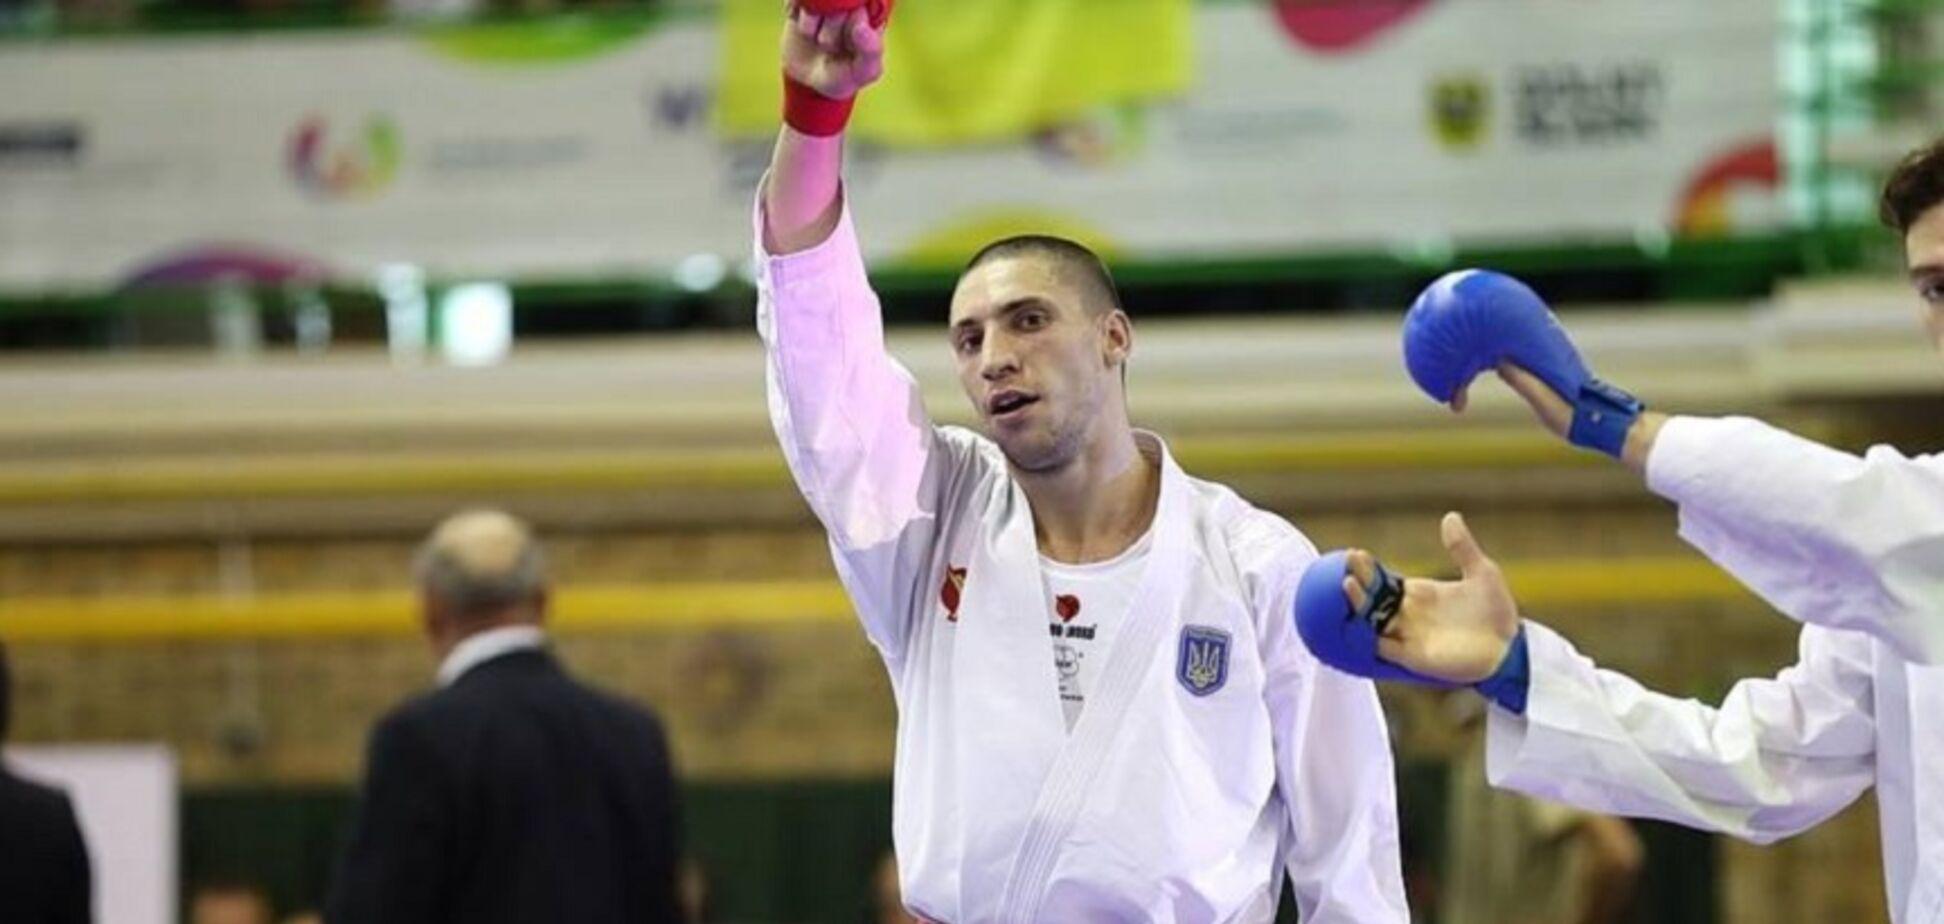 'Вирус лицемерия и невежества': известный украинский чемпион сорвался из-за бунта в Новых Санжарах